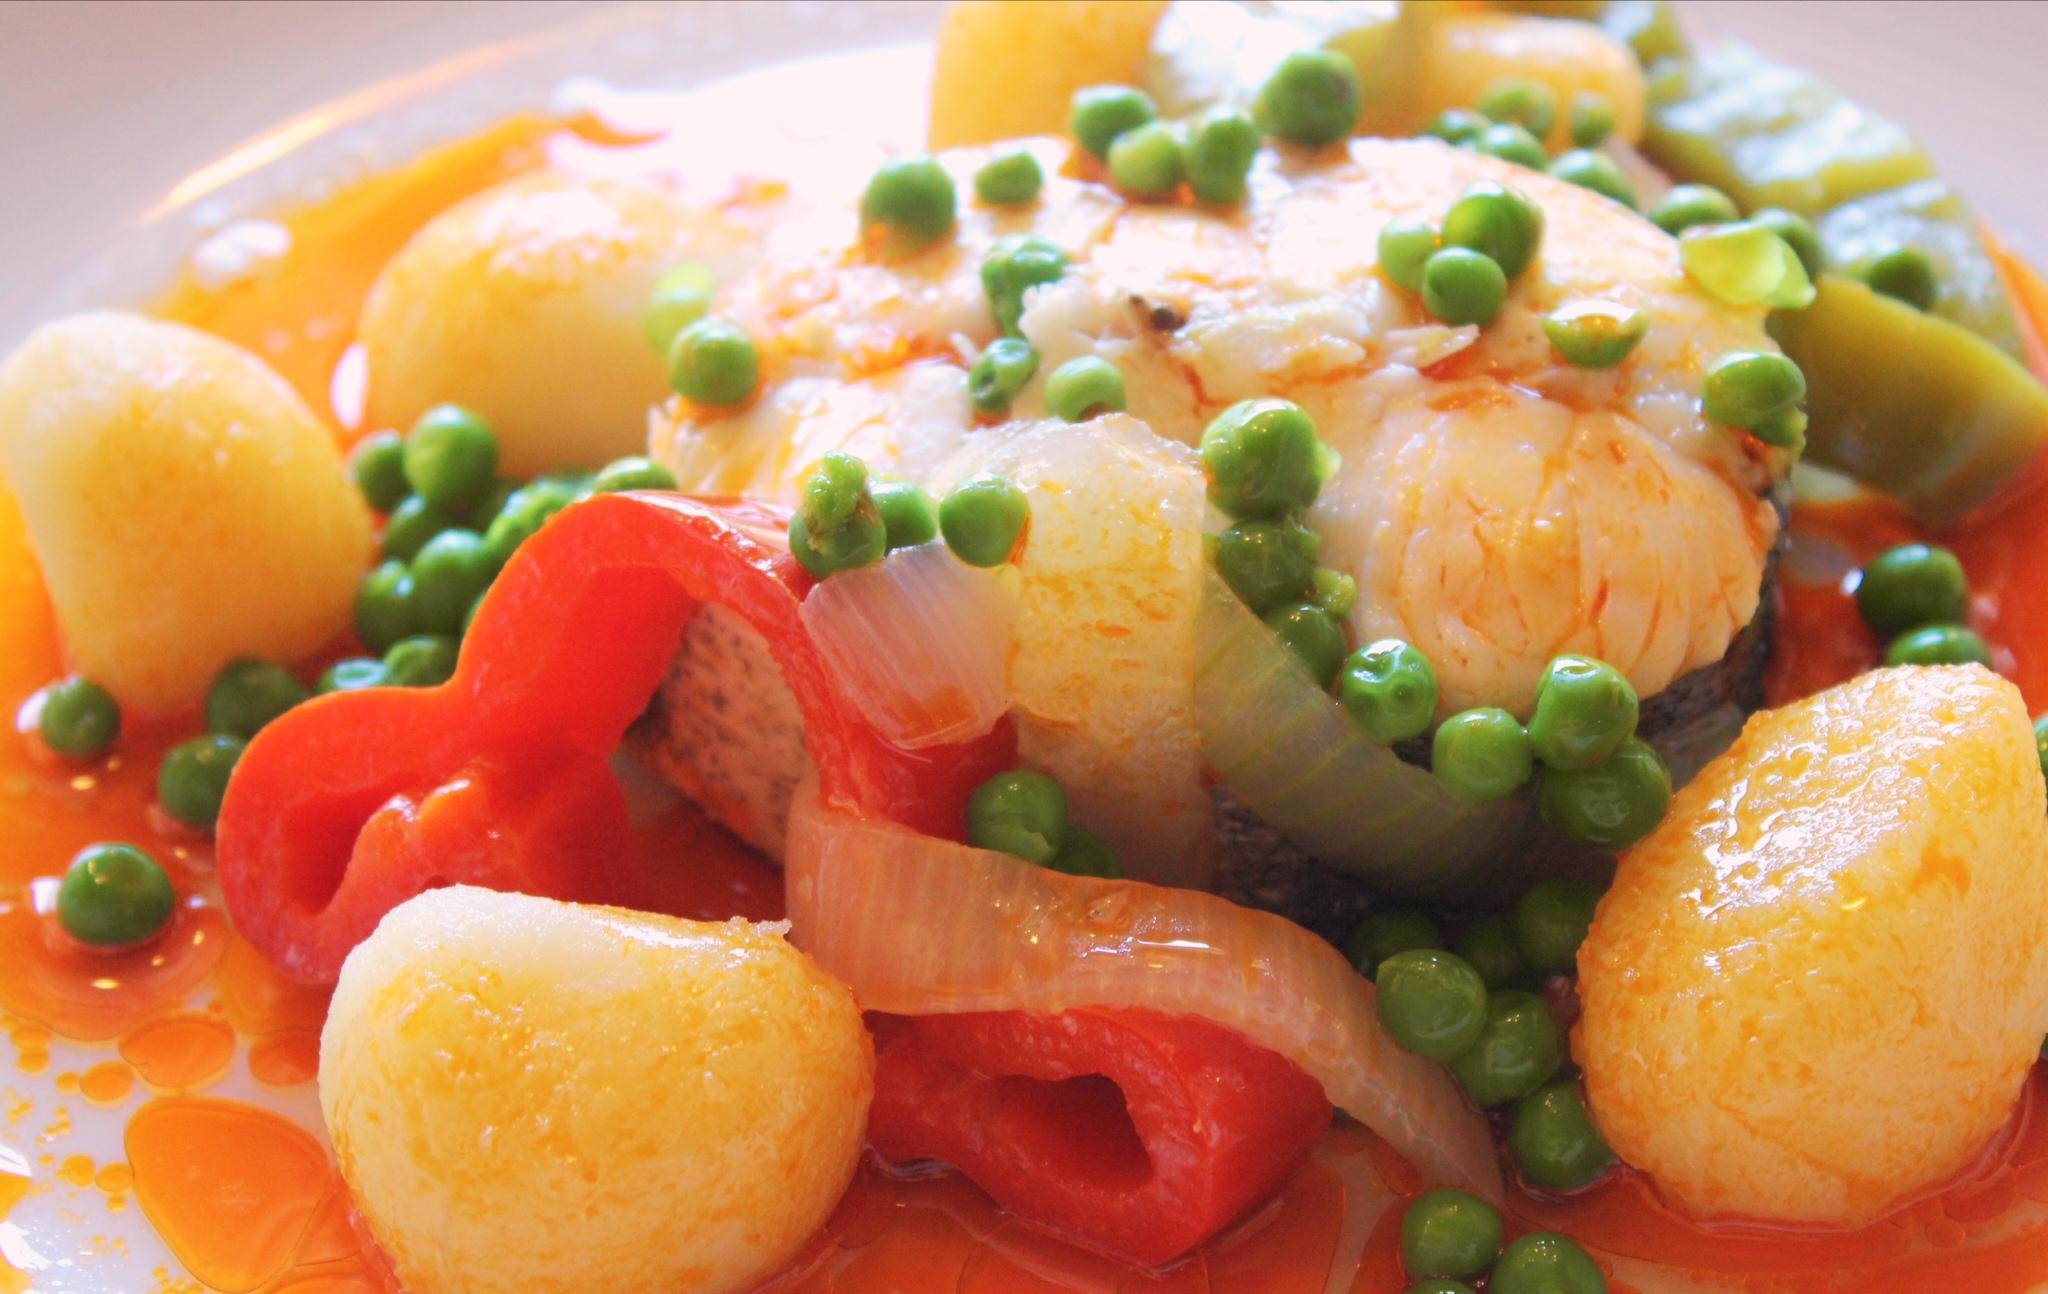 グルメ通なら絶対に訪れたい!世界一の美食の街に誇るバスク料理